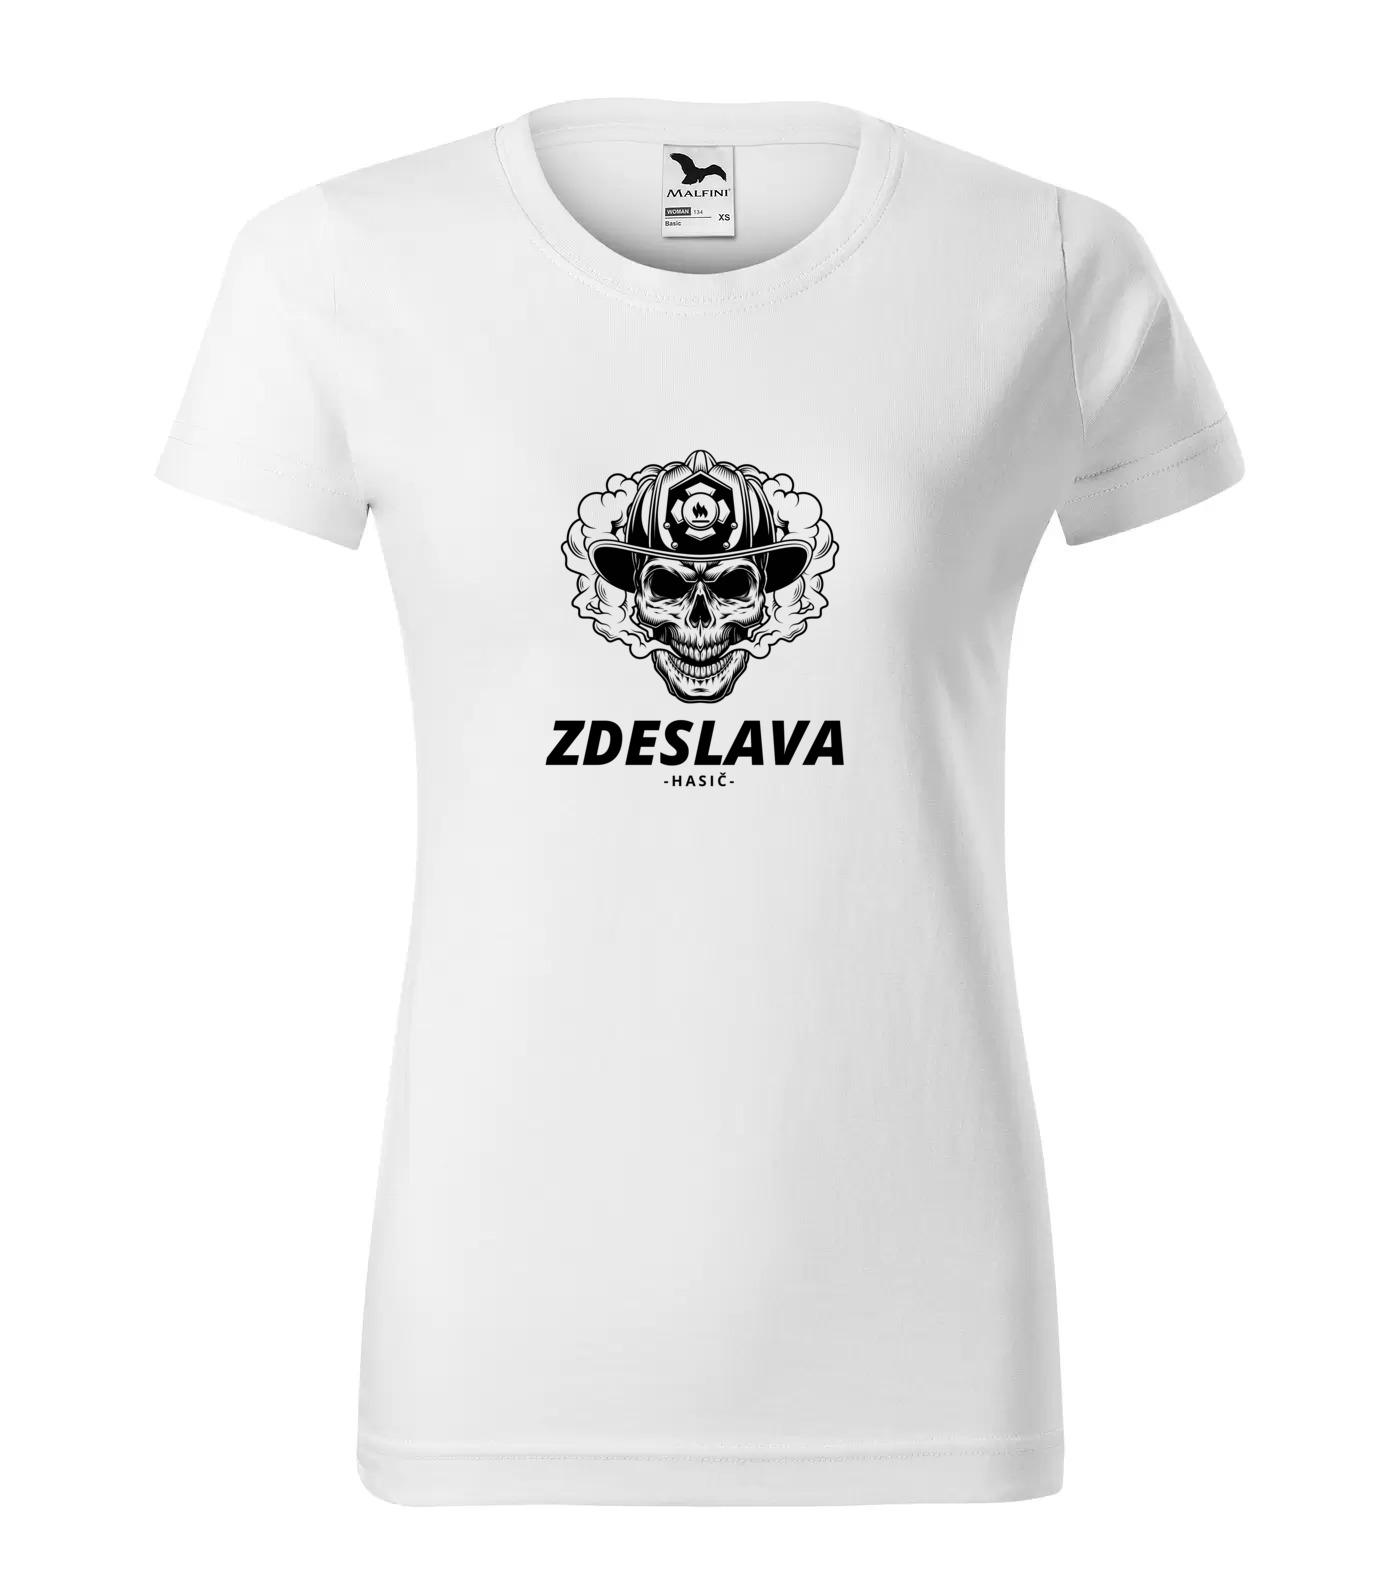 Tričko Hasič Zdeslava